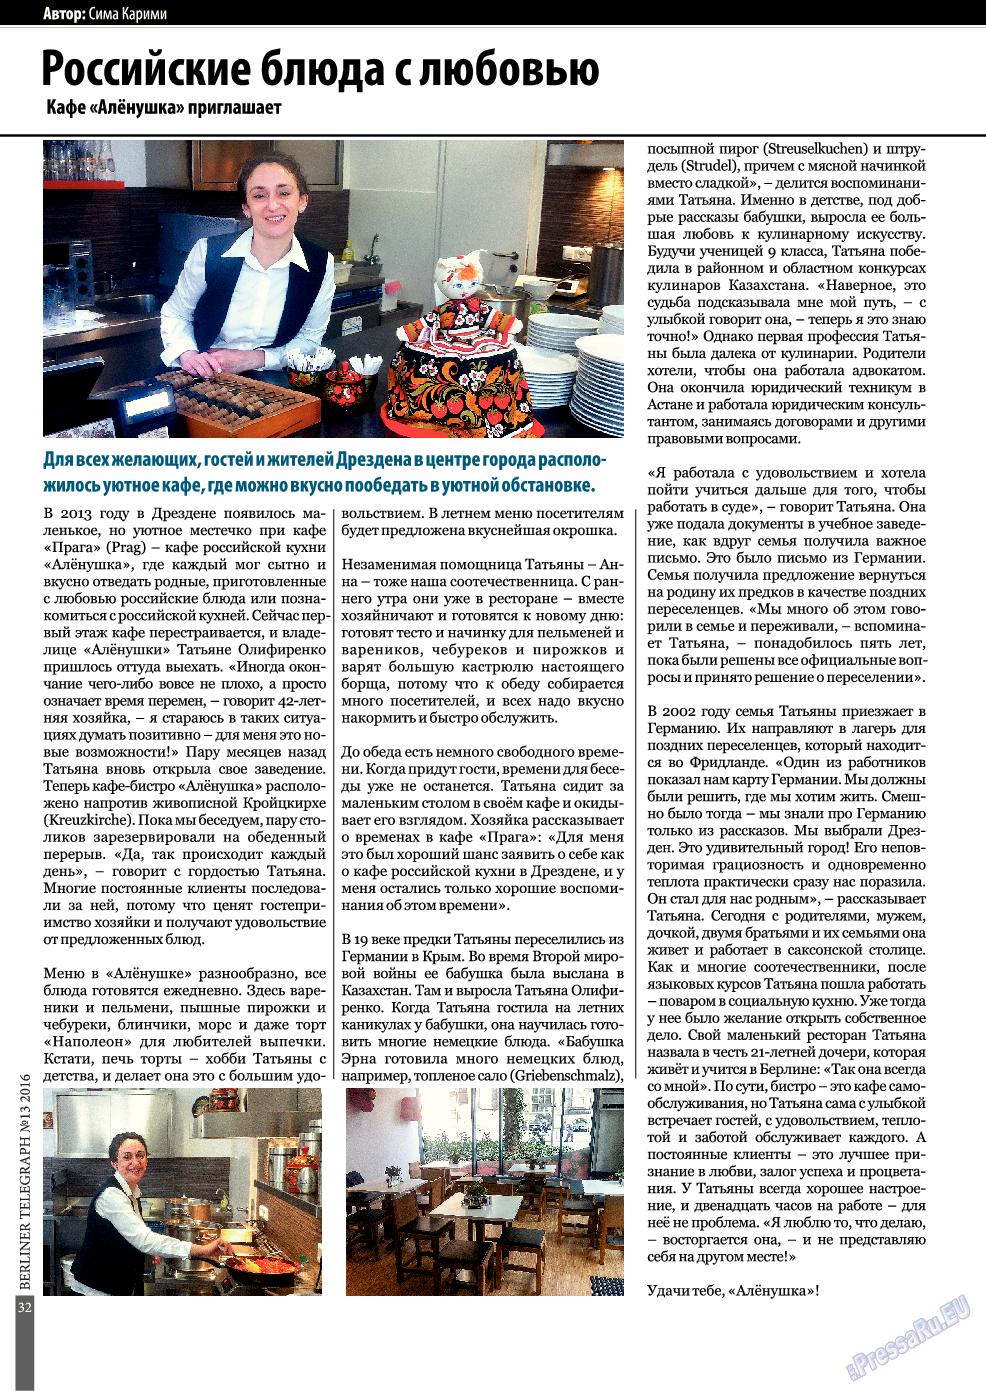 Берлинский телеграф (журнал). 2016 год, номер 13, стр. 32